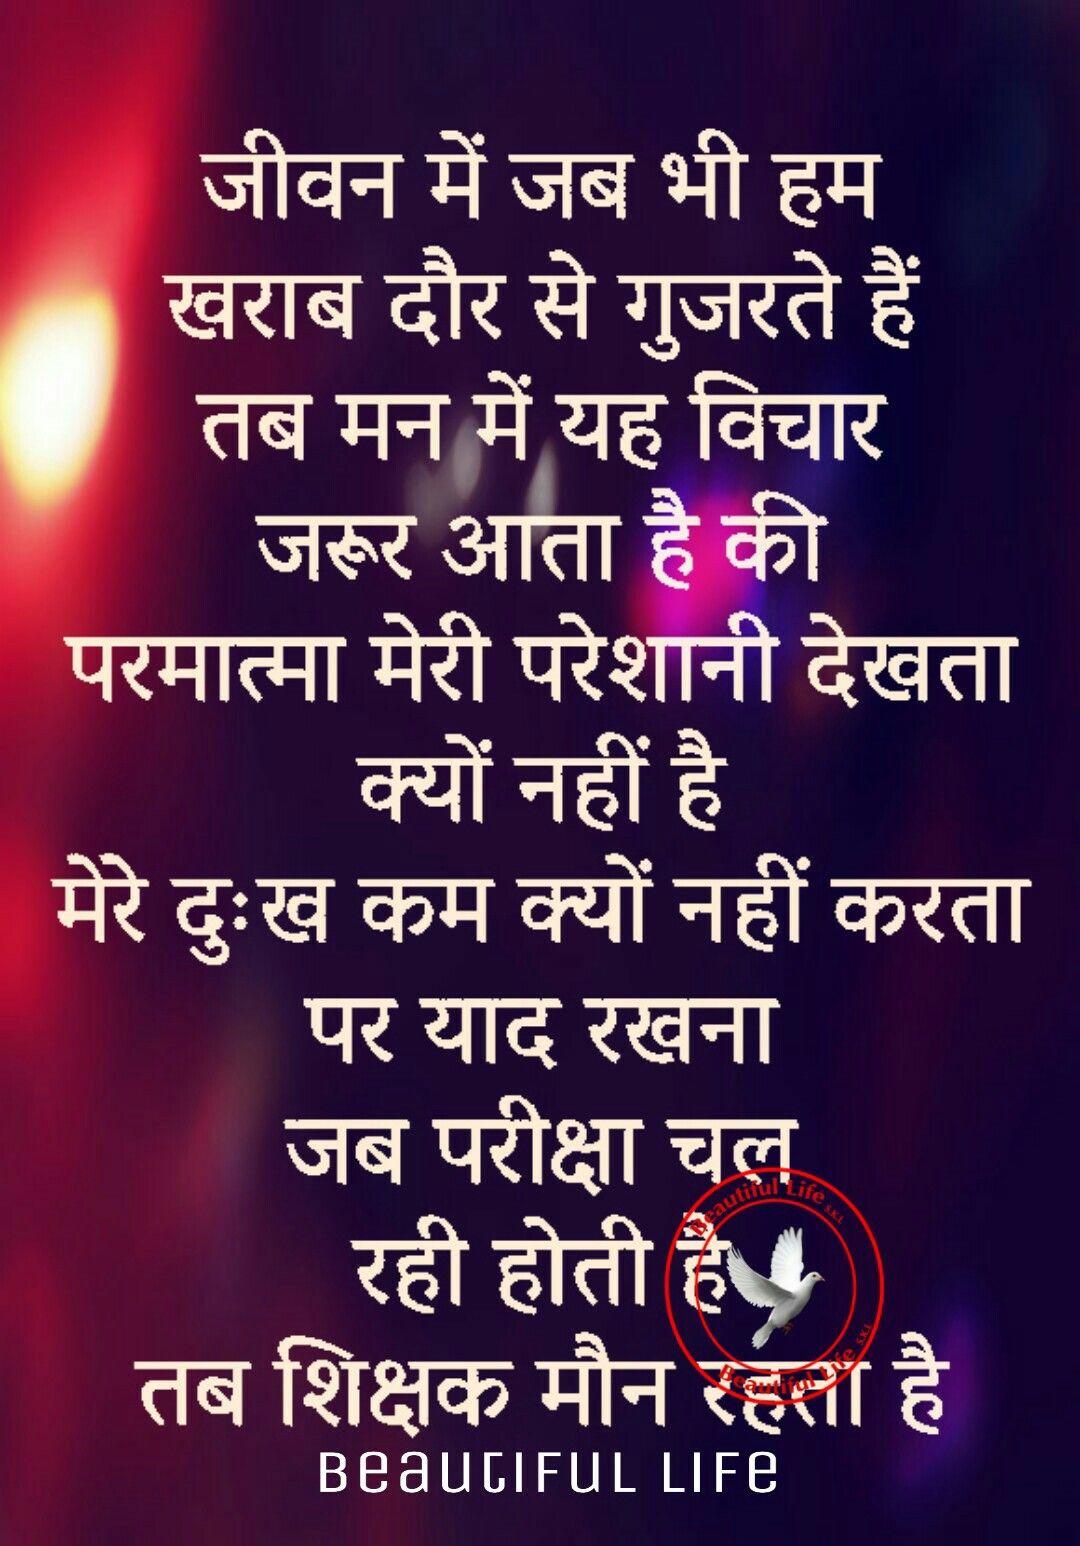 Pin by Dr. Payal on ❤Beatiful life skl Hindi / punjabi quotes